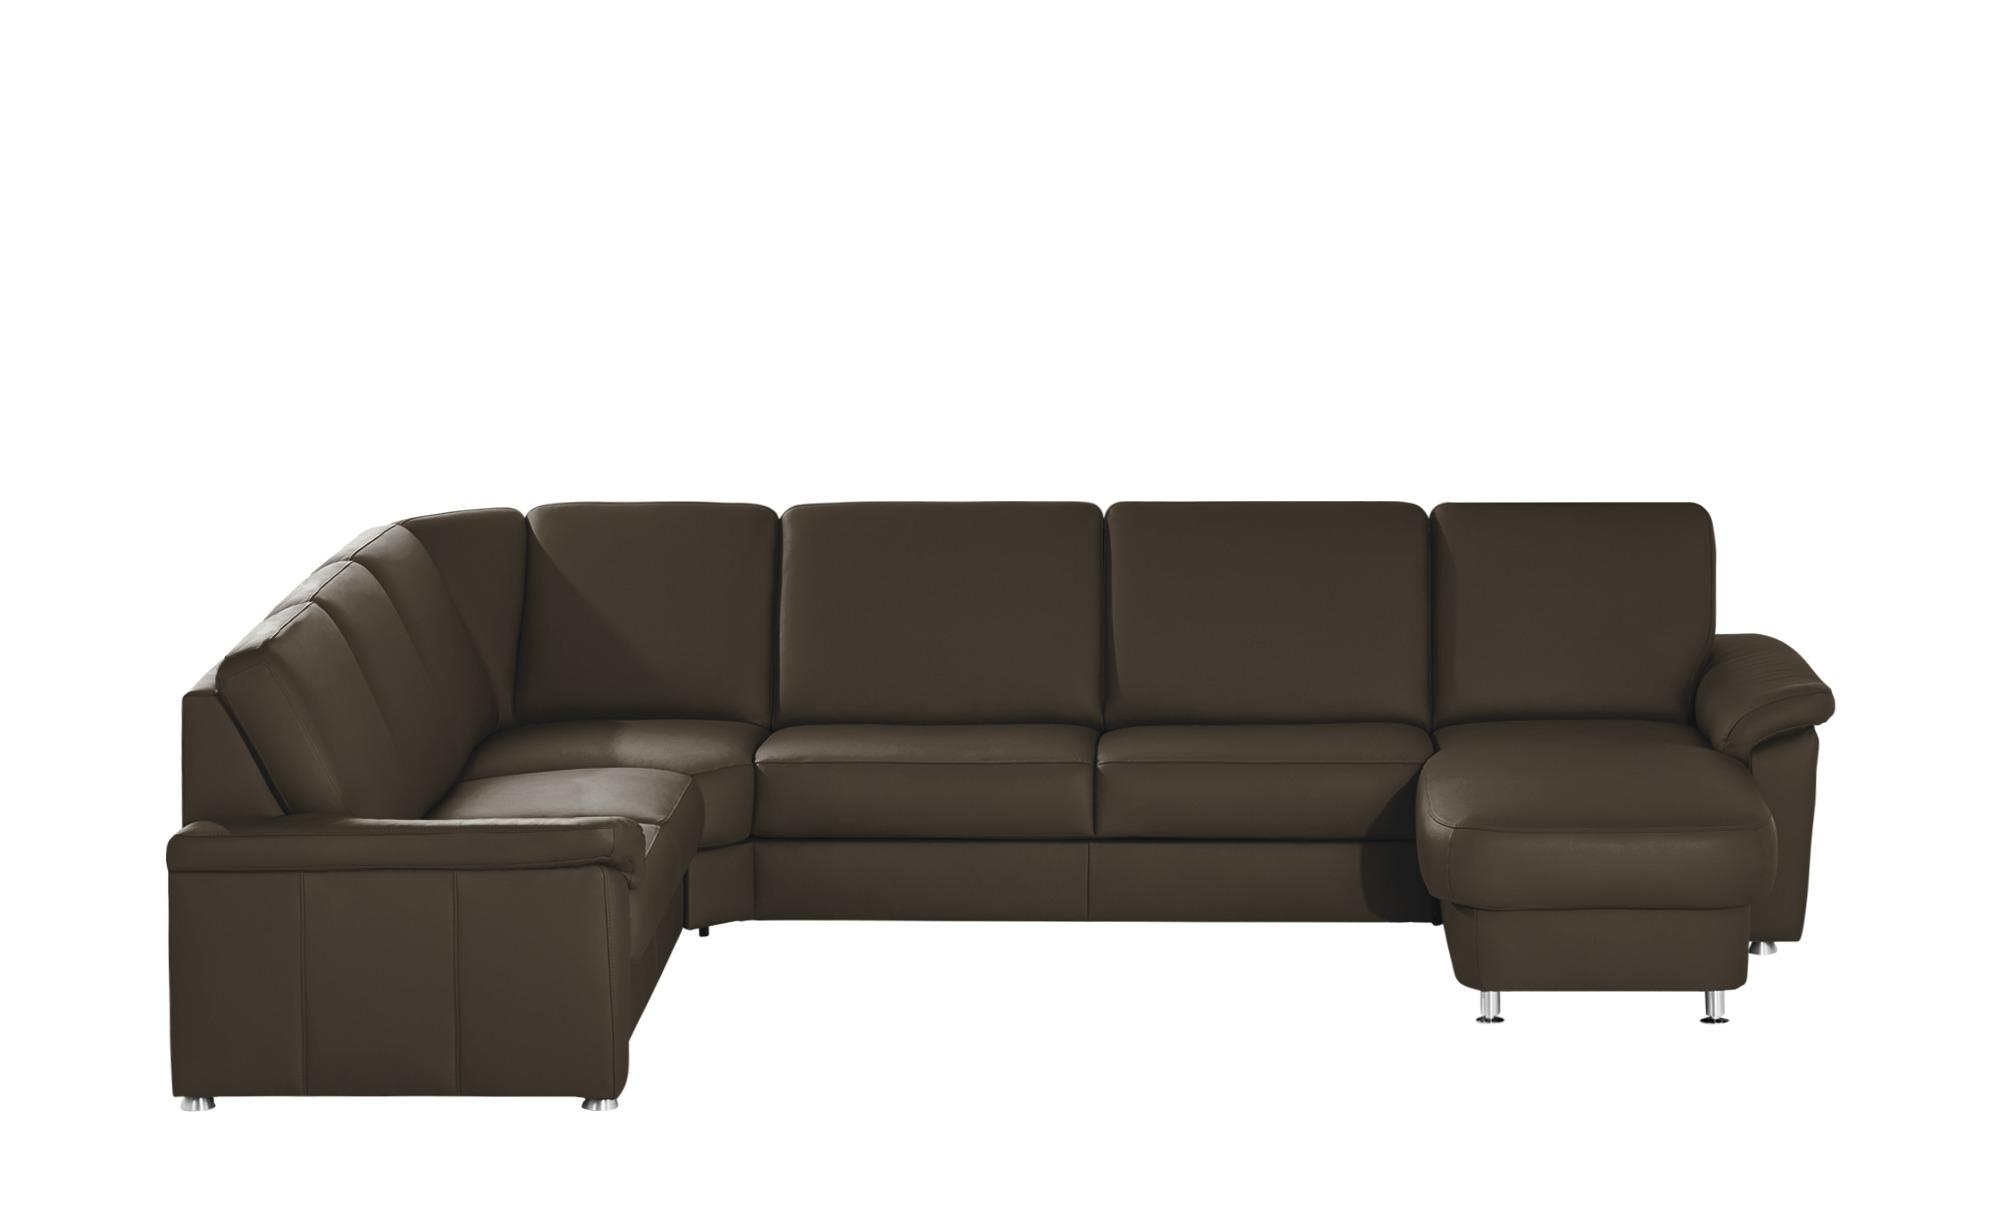 meinsofa leder wohnlandschaft carolin breite h he 91 cm braun online kaufen bei woonio. Black Bedroom Furniture Sets. Home Design Ideas